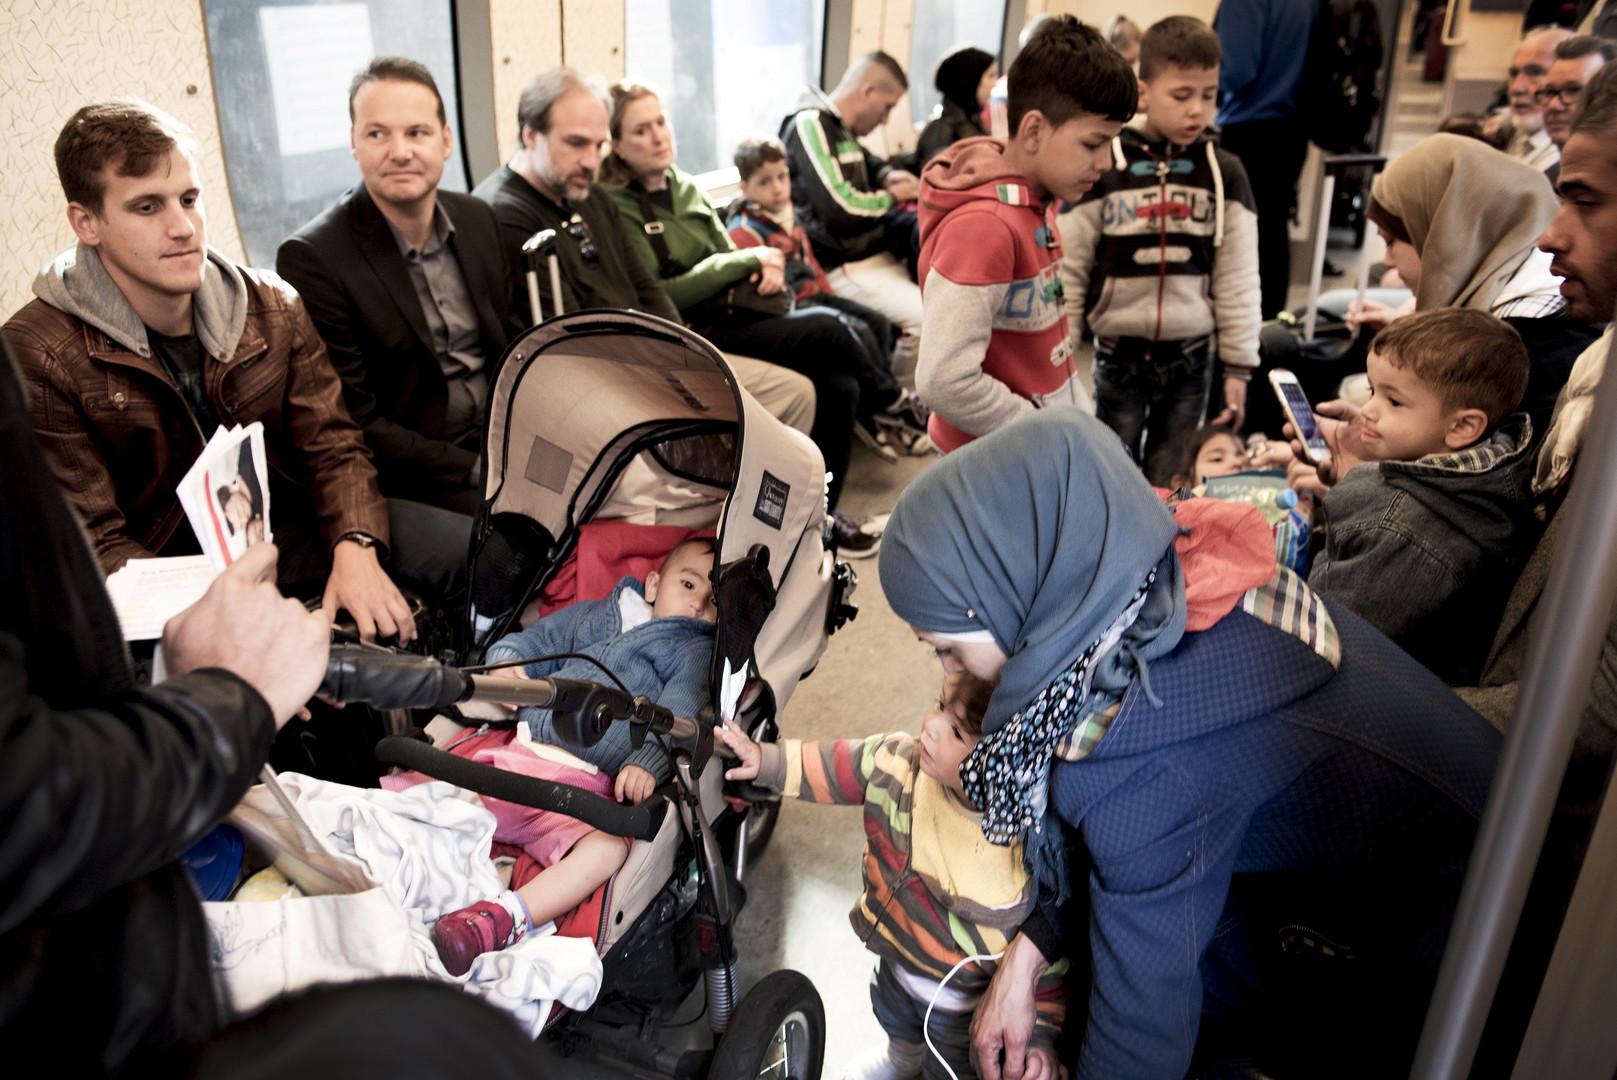 Auch den Kinderwagen? Asylsuchende in Dänemark: Sie sollen bald alle Besitztümer die die Gesamtsumme von 1.340 Euro überschreiten abgeben